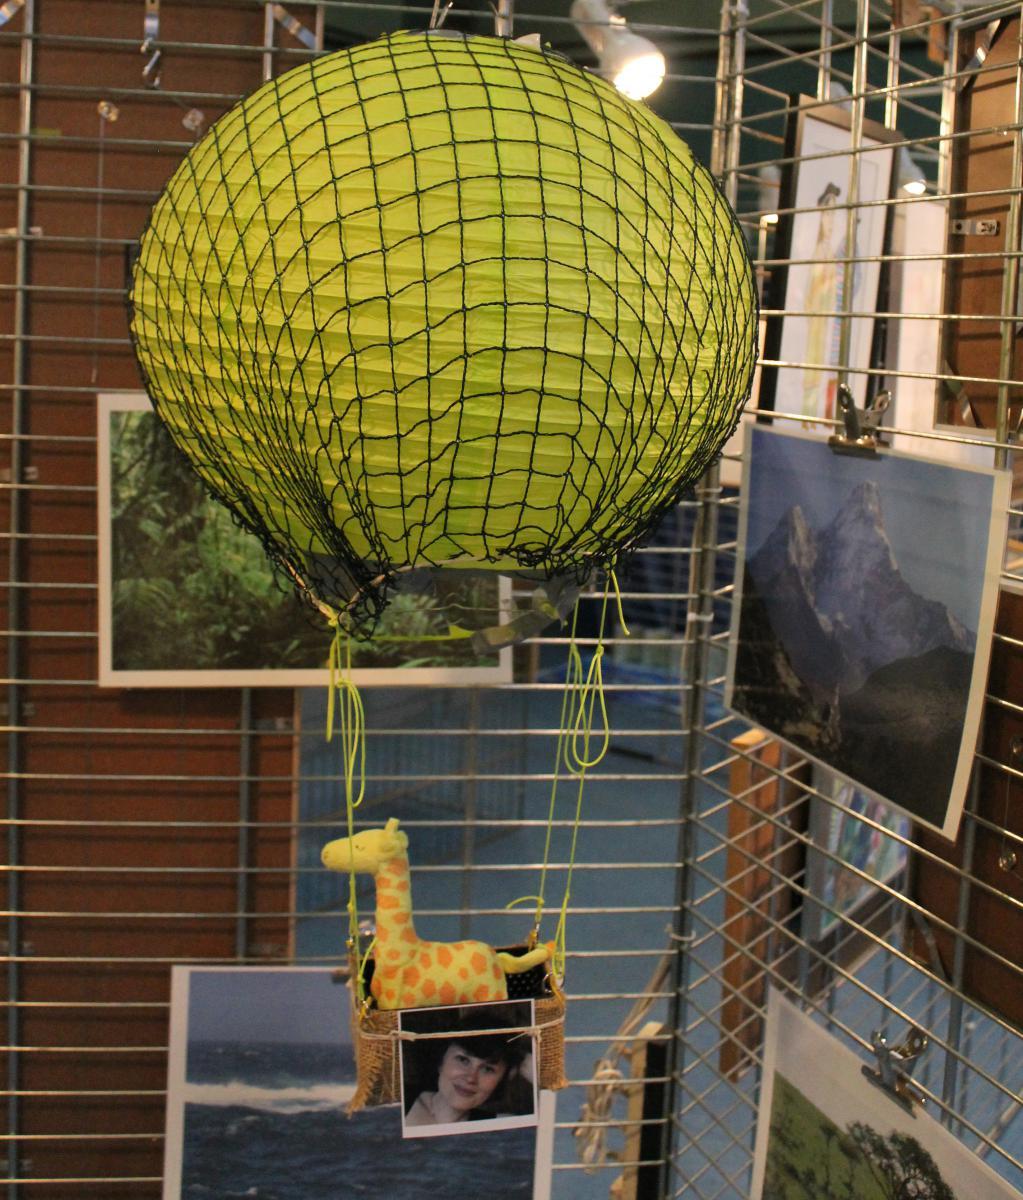 Ballon suspendu avec une giraffe